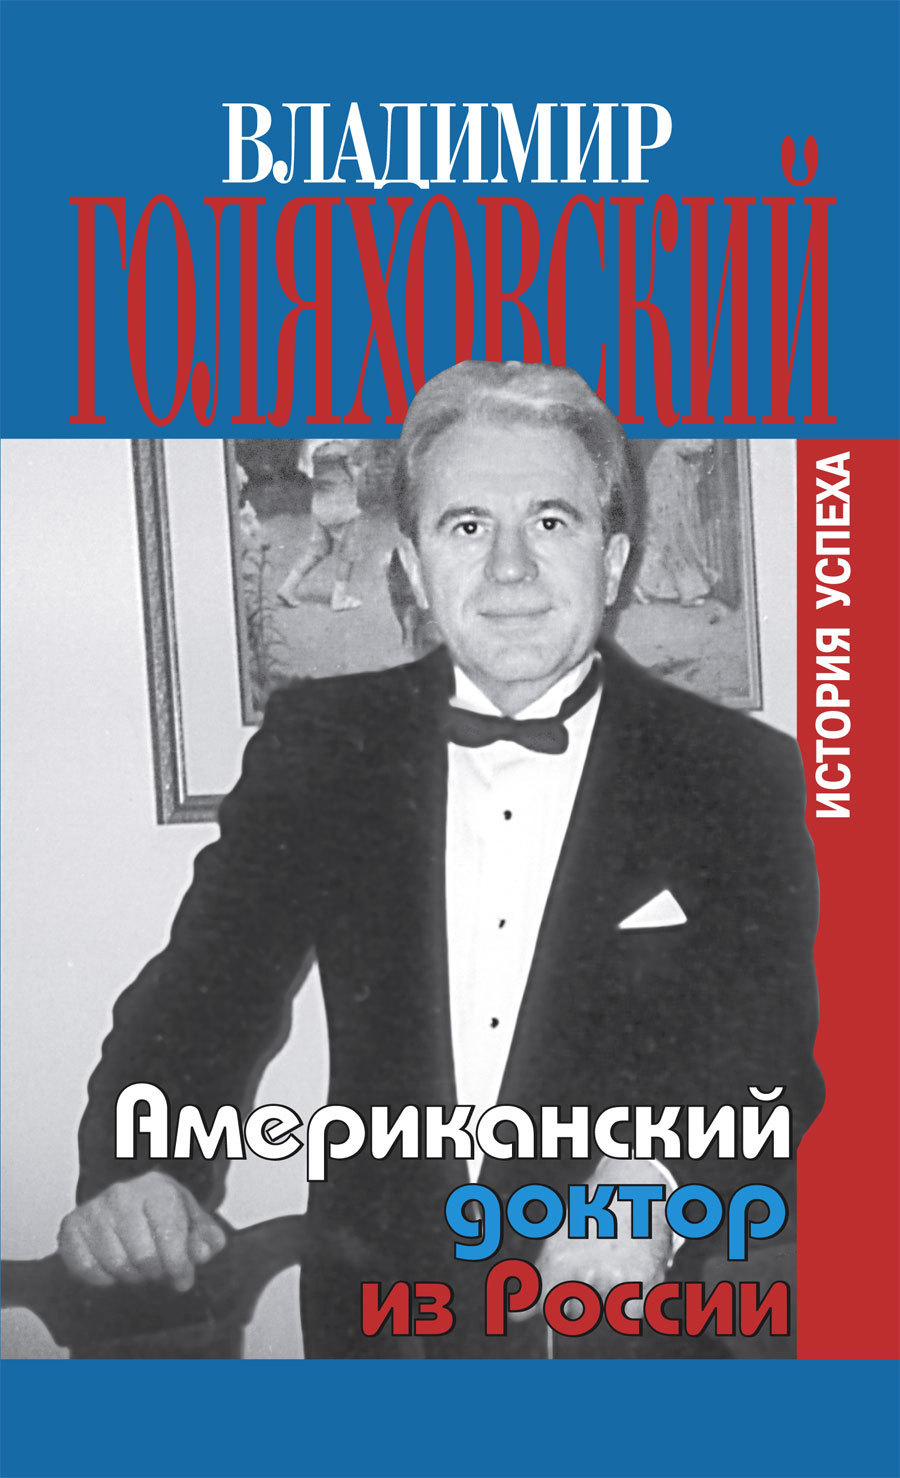 Американский доктор из России, или История успеха